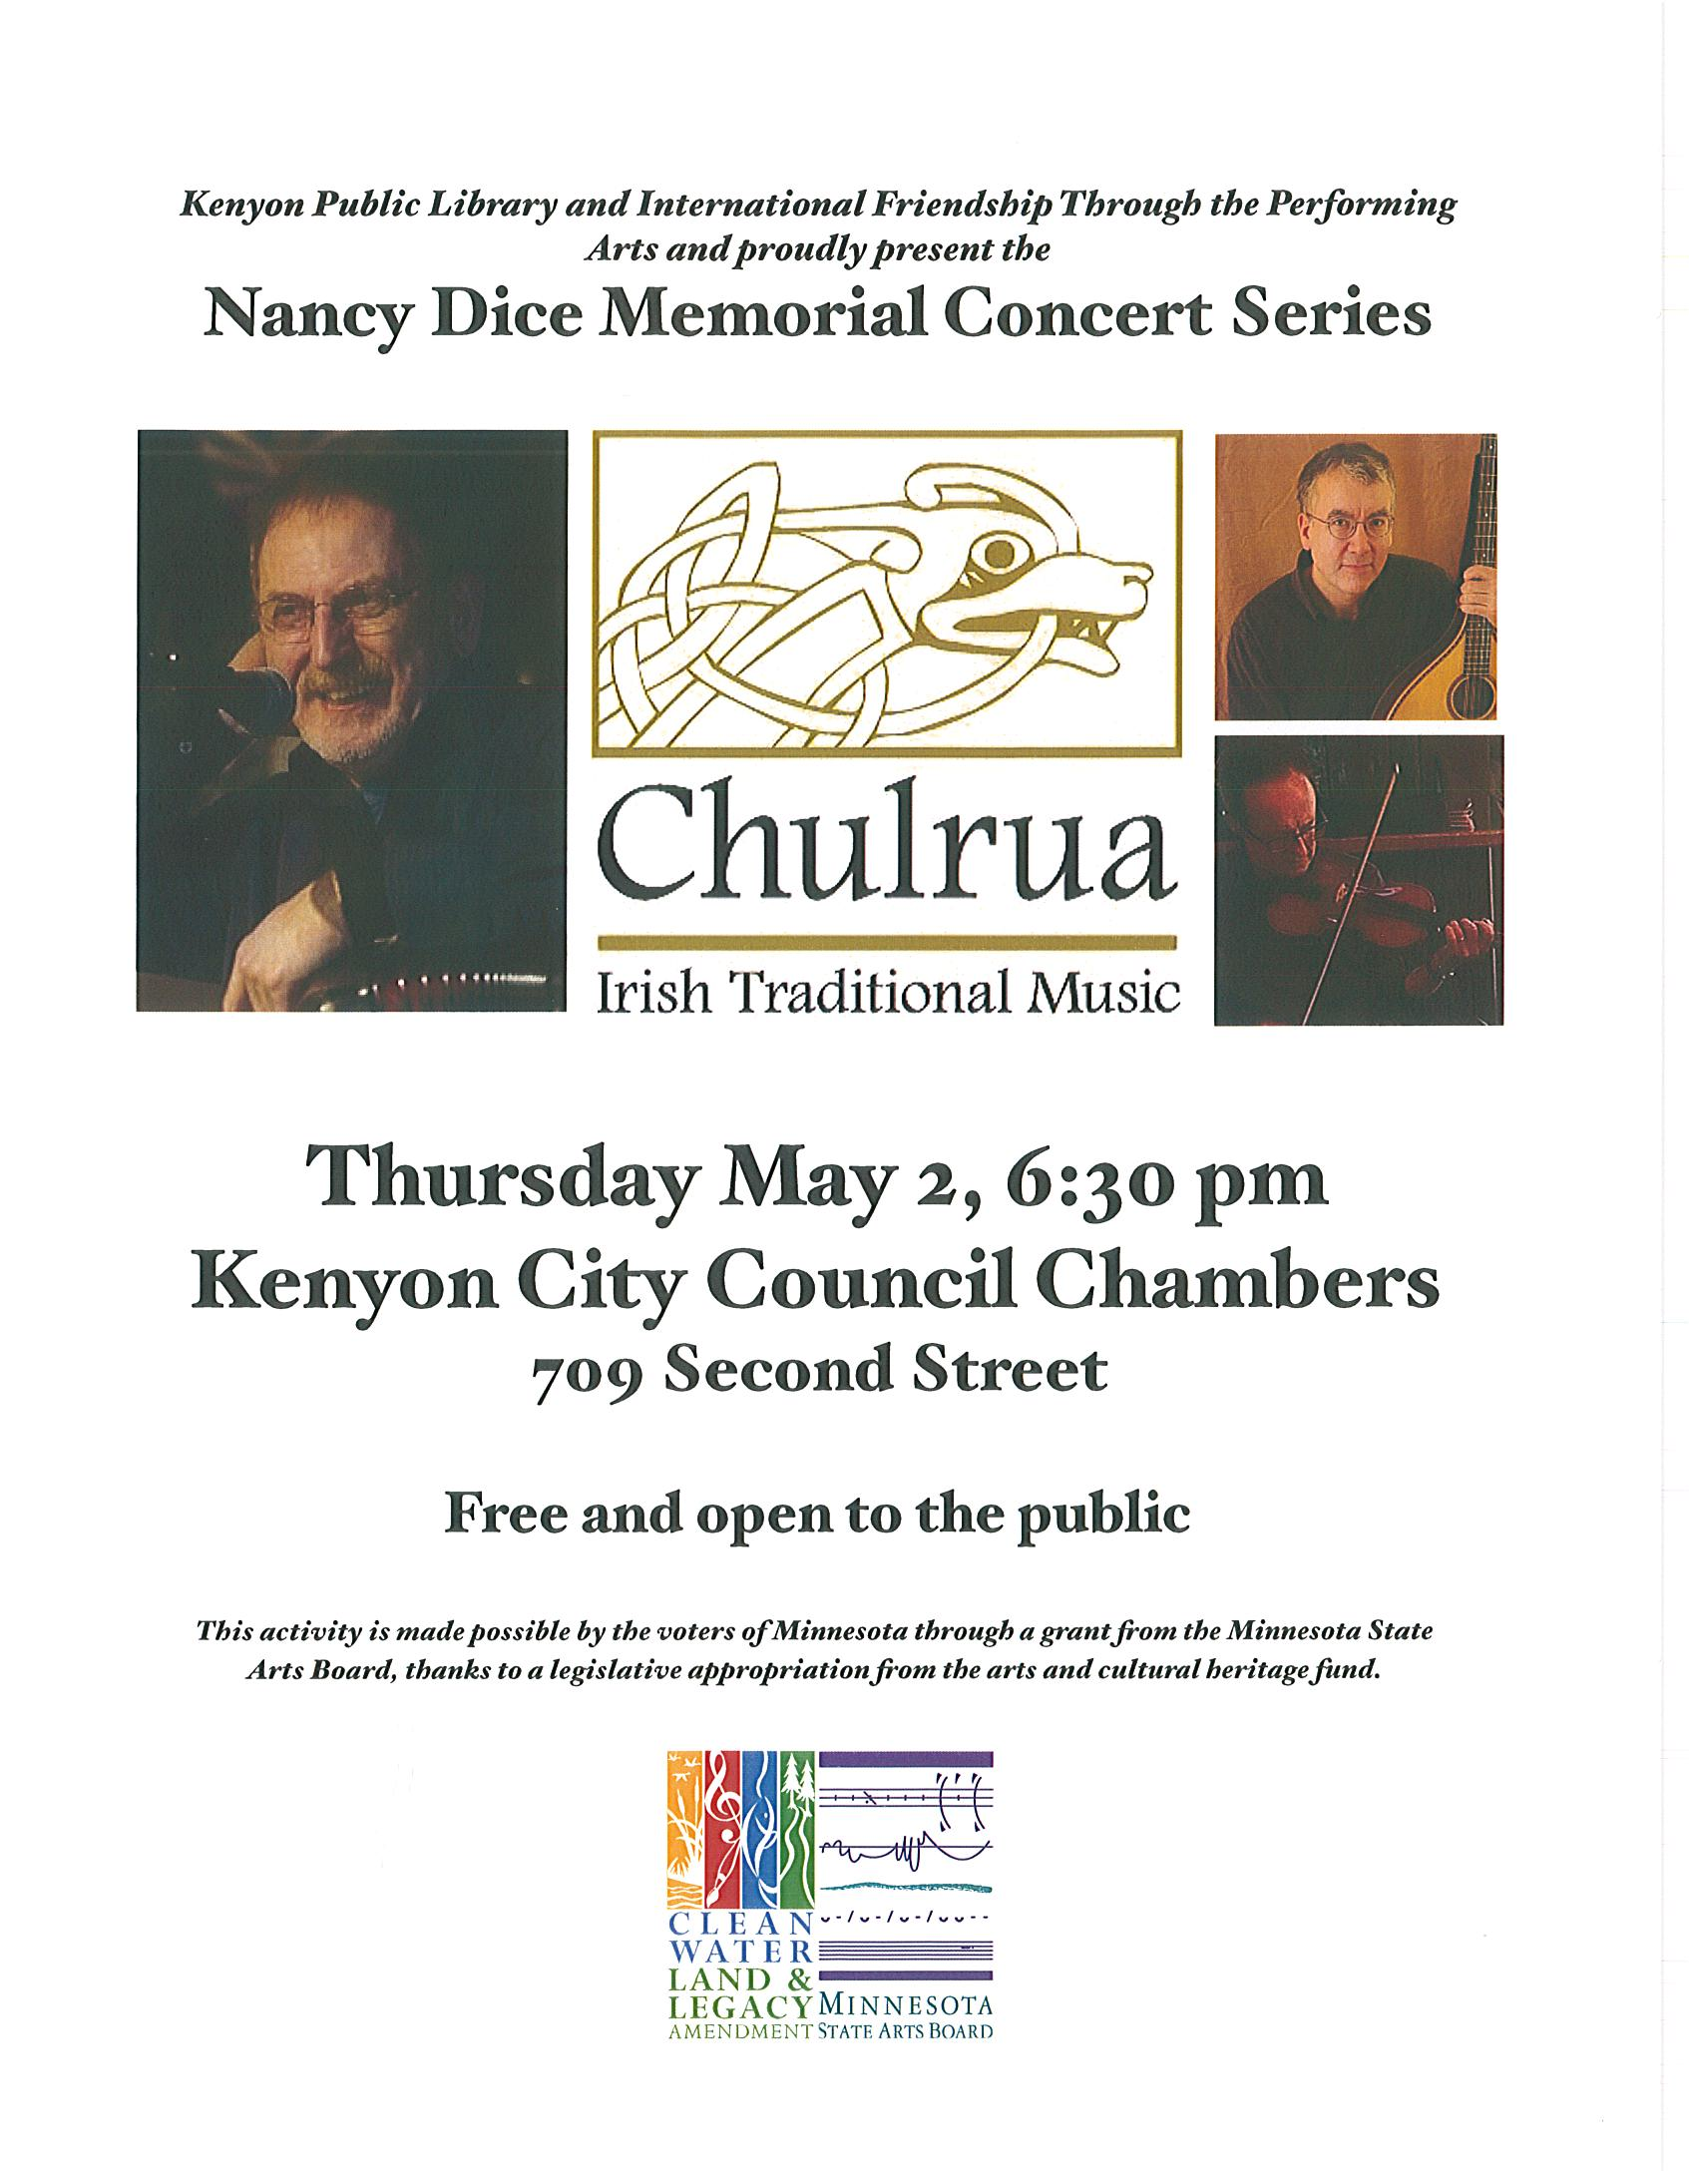 Chulrua May 2 at 6:30 pm Council Chambers